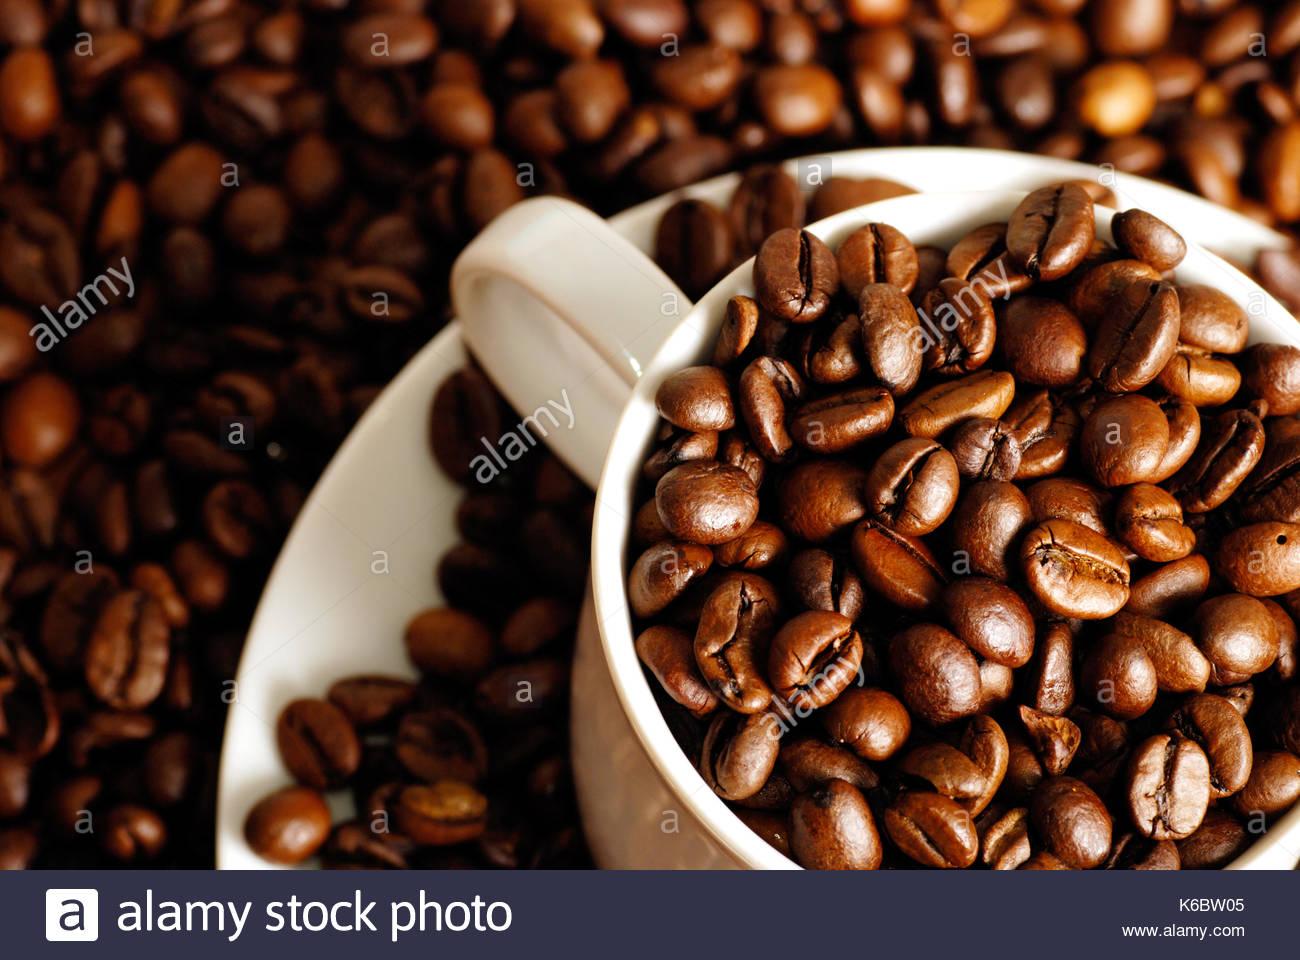 Kaffee Tasse mit Kaffee Samen im Inneren, sitzen auf einer Etage der Kaffeebohnen Stockbild